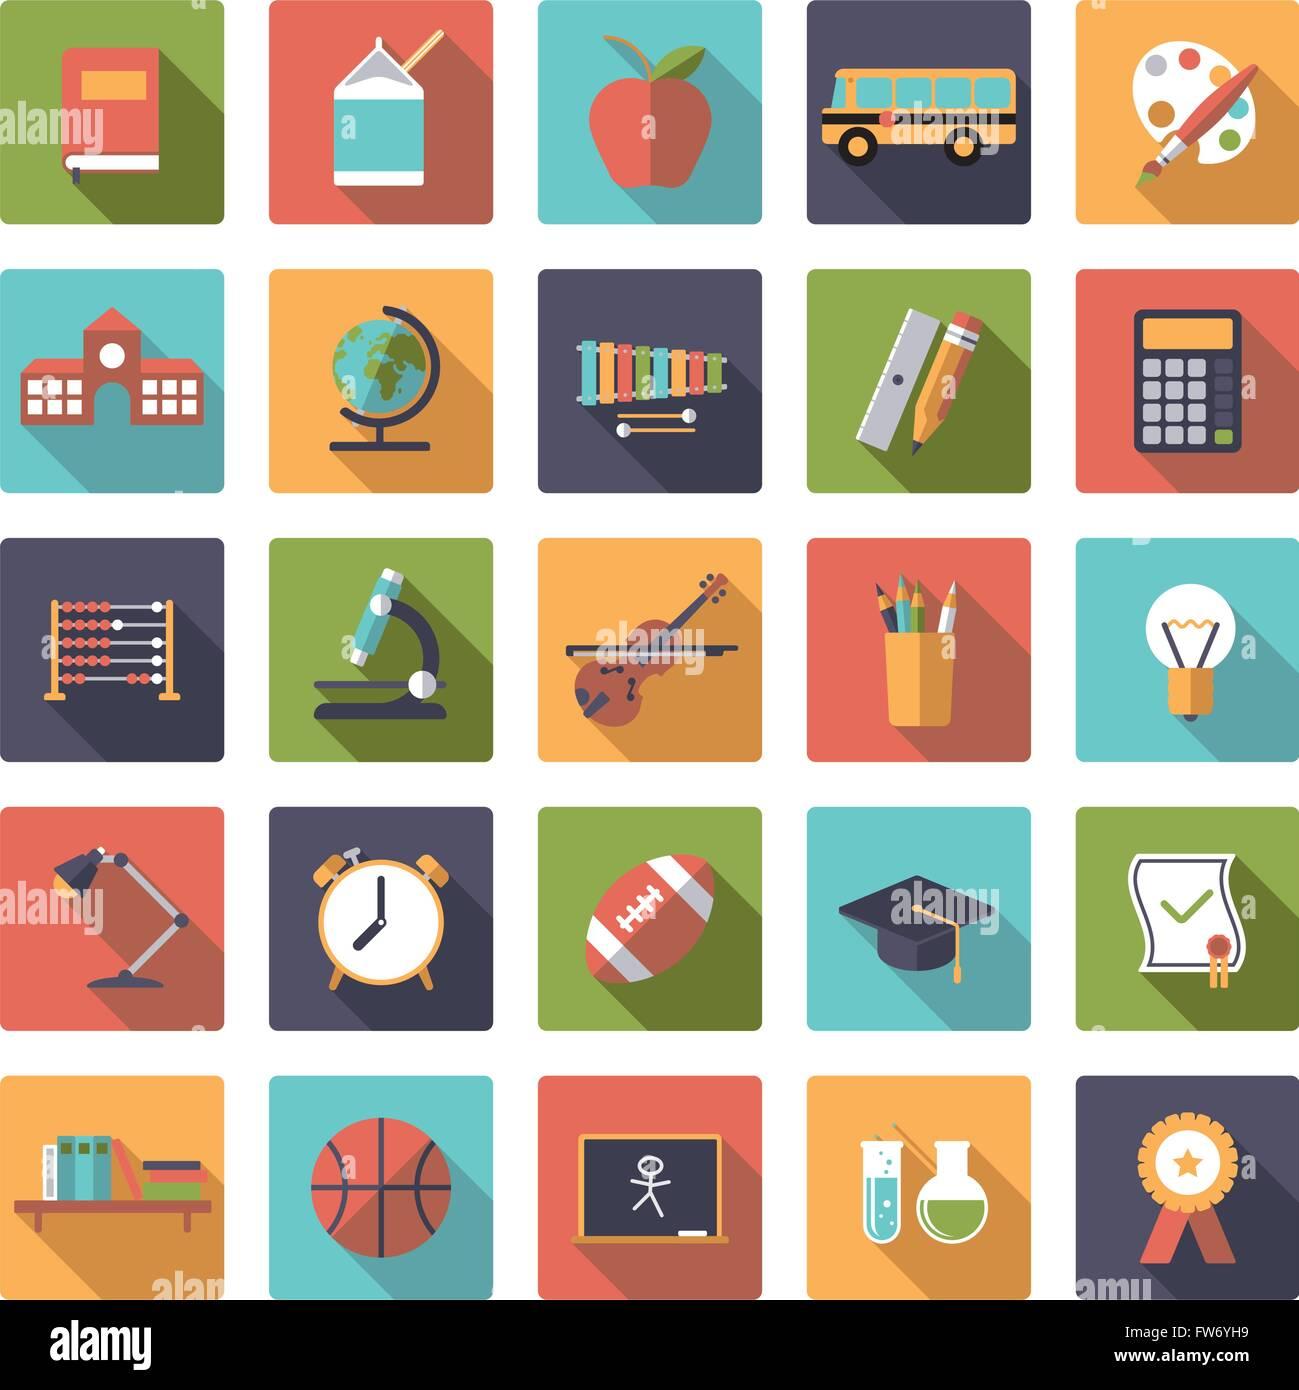 L'enseignement, secondaire, collégial et universitaire dans les icônes carrés arrondis, modèle Photo Stock